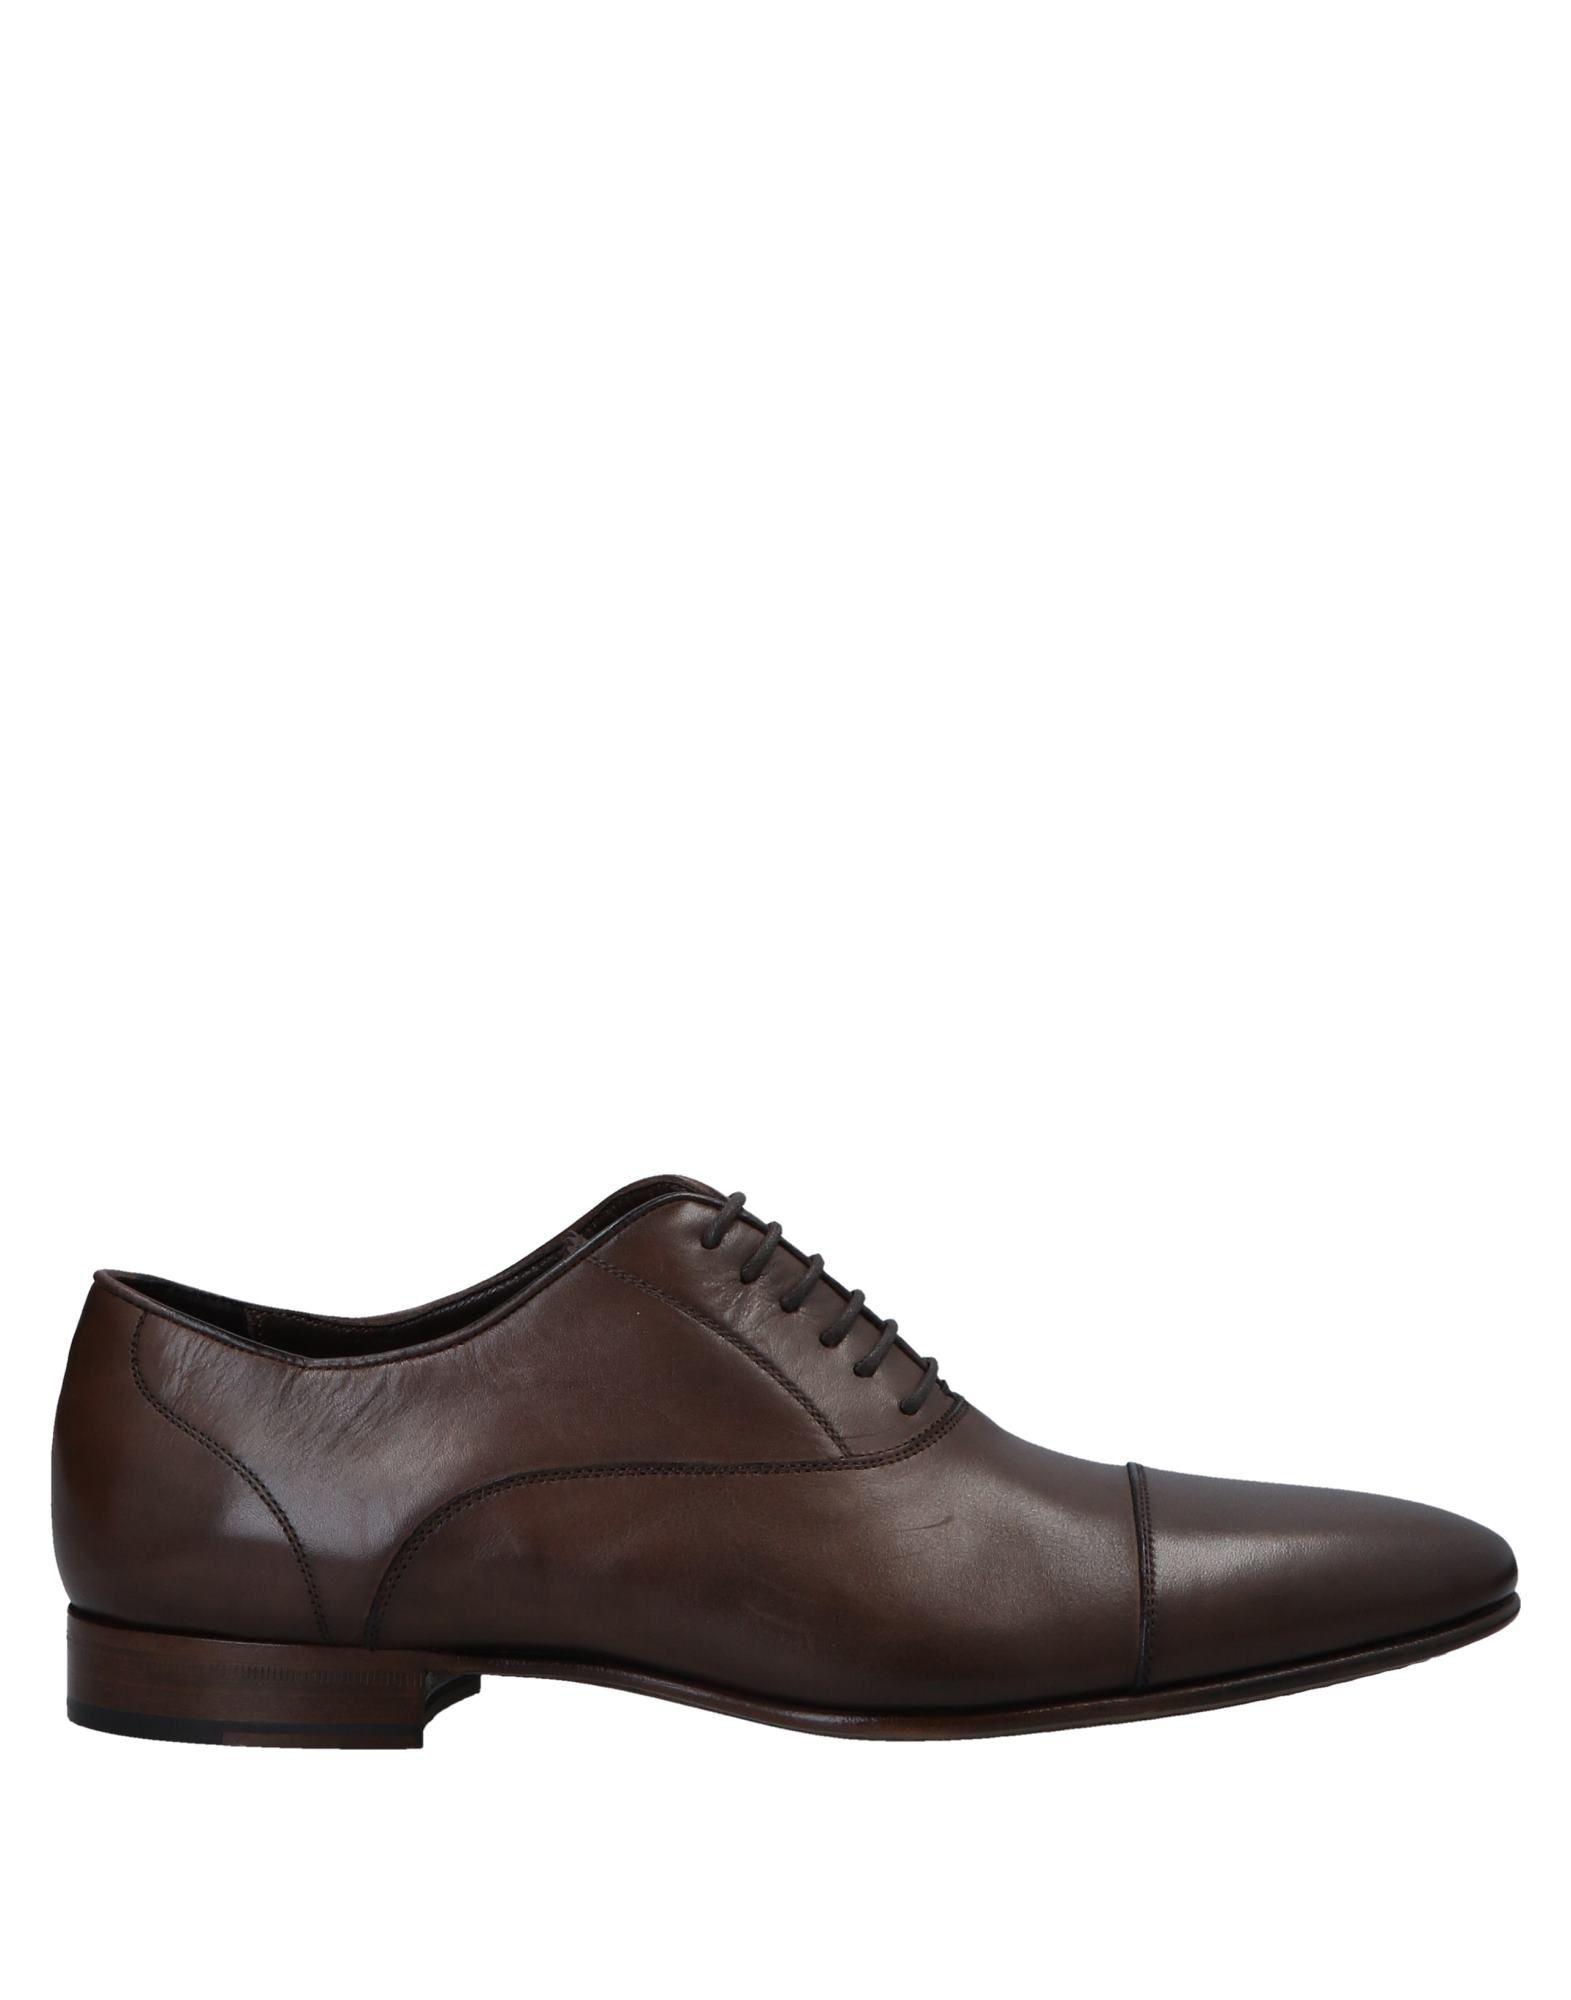 Calpierre Schnürschuhe Herren  11551918AP Gute Qualität beliebte Schuhe